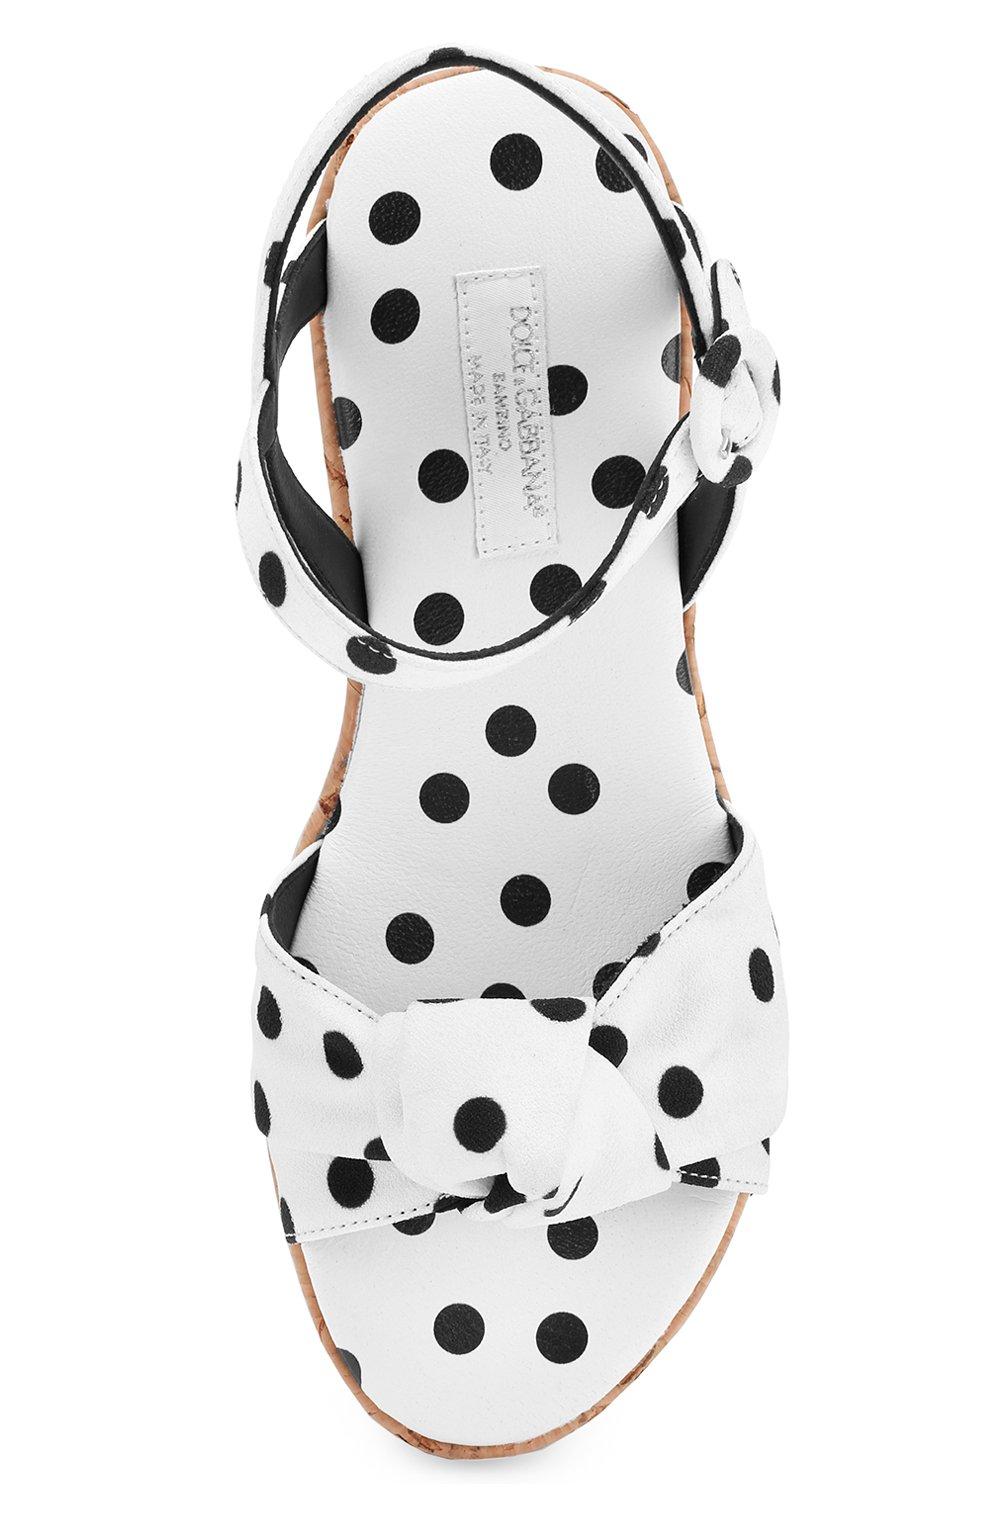 Детские босоножки из текстиля с принтом на танкетке Dolce & Gabbana черно-белого цвета | Фото №4